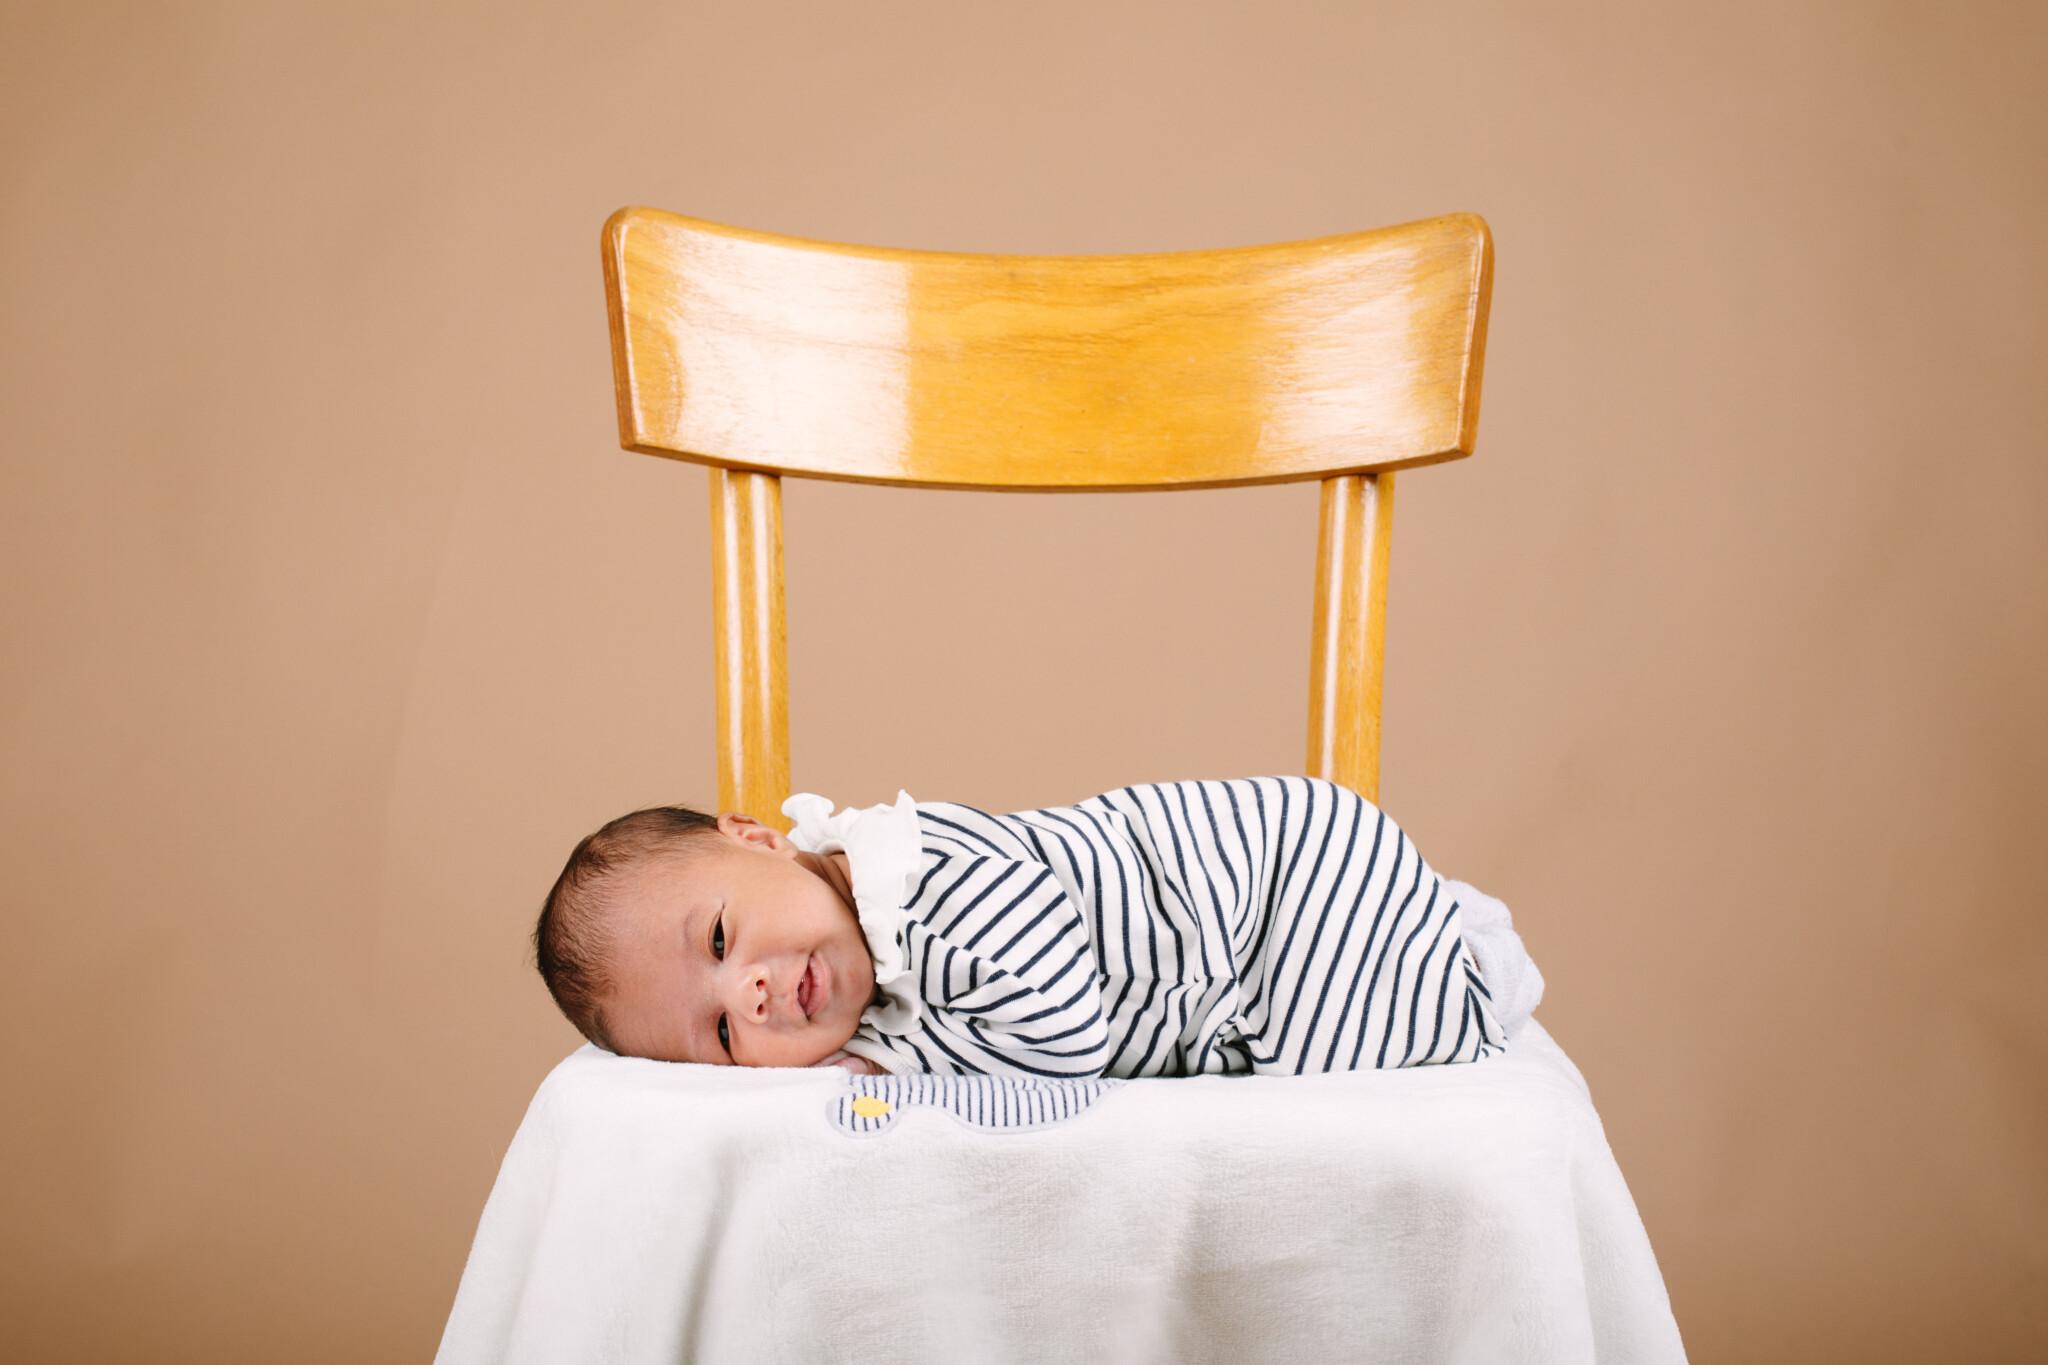 2 semaines en Floride avec un bébé de 1 an - Séjour du 2 au 16 mai 2019 DCL + WDW - Page 18 Elia-Shoot2_00010-2048x1365